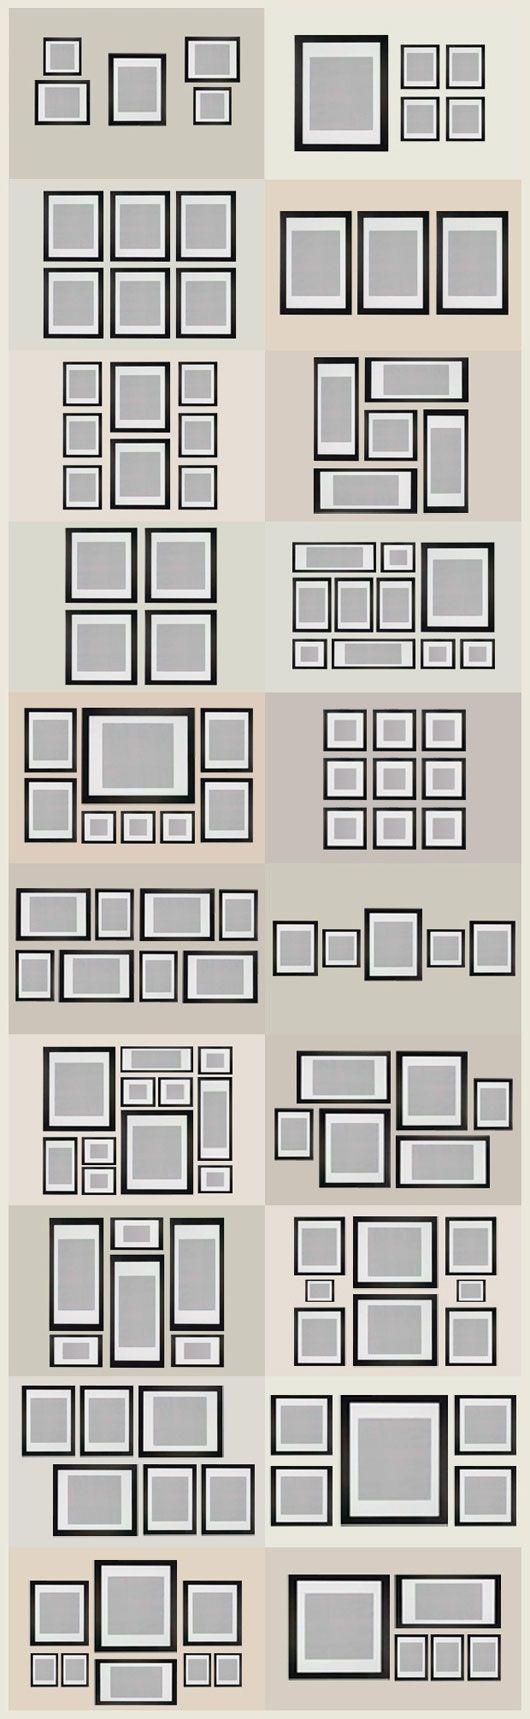 Algunas ideas para organizar cuadros en la pared